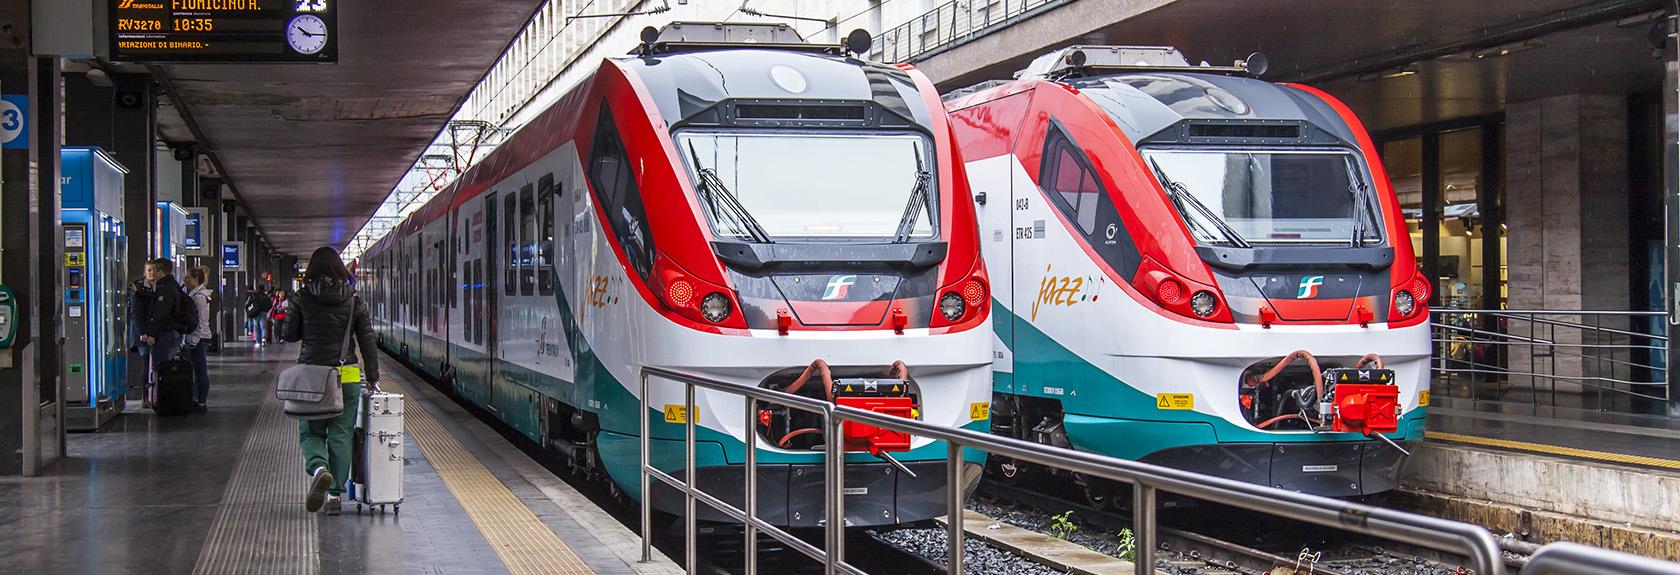 Leonardo Express trein